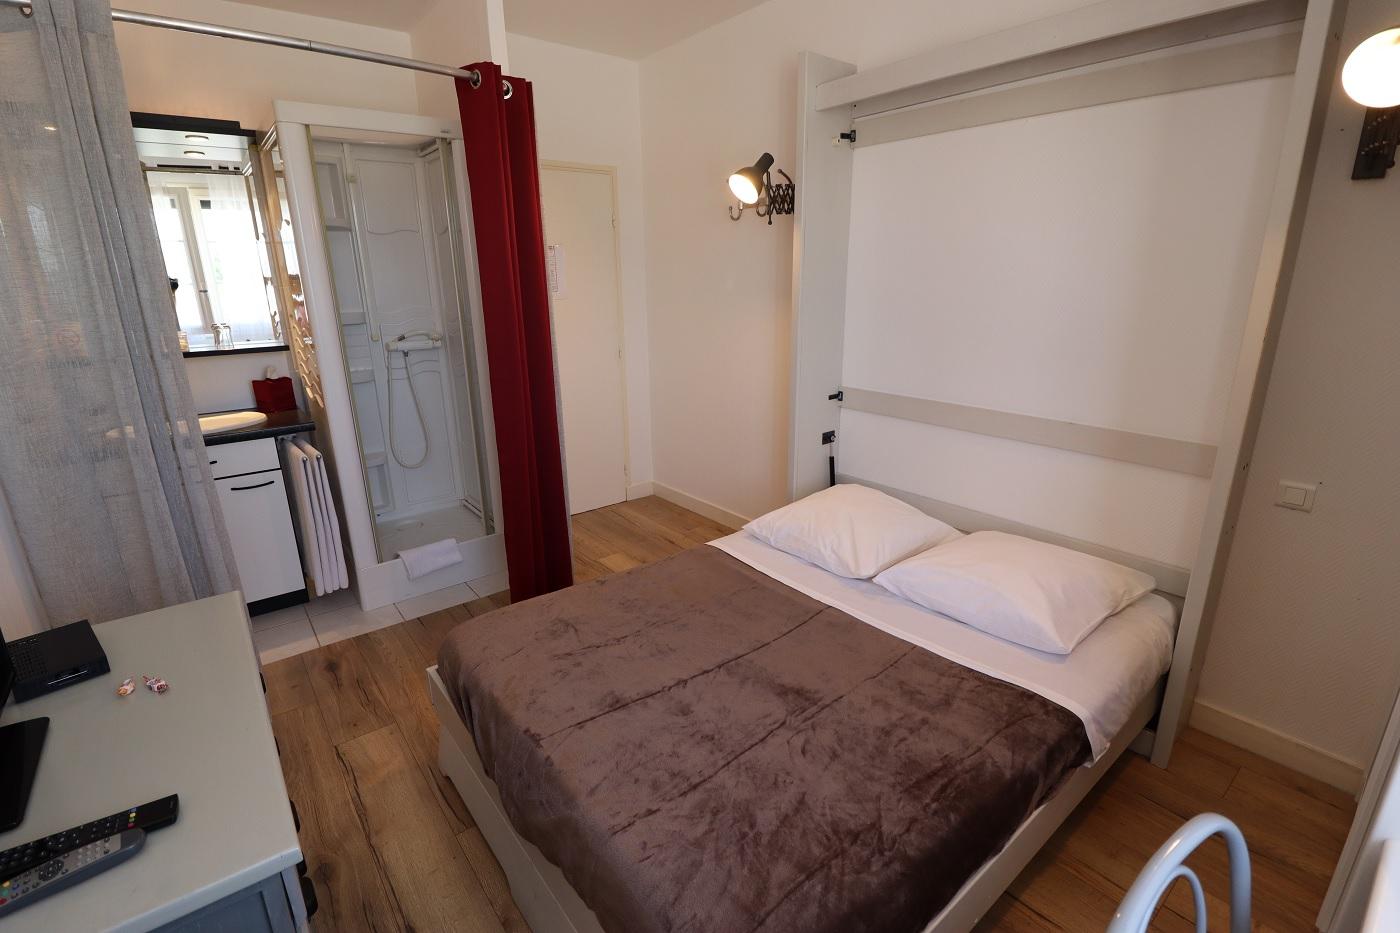 chambre d'hôtes pas chère Cahors Montauban